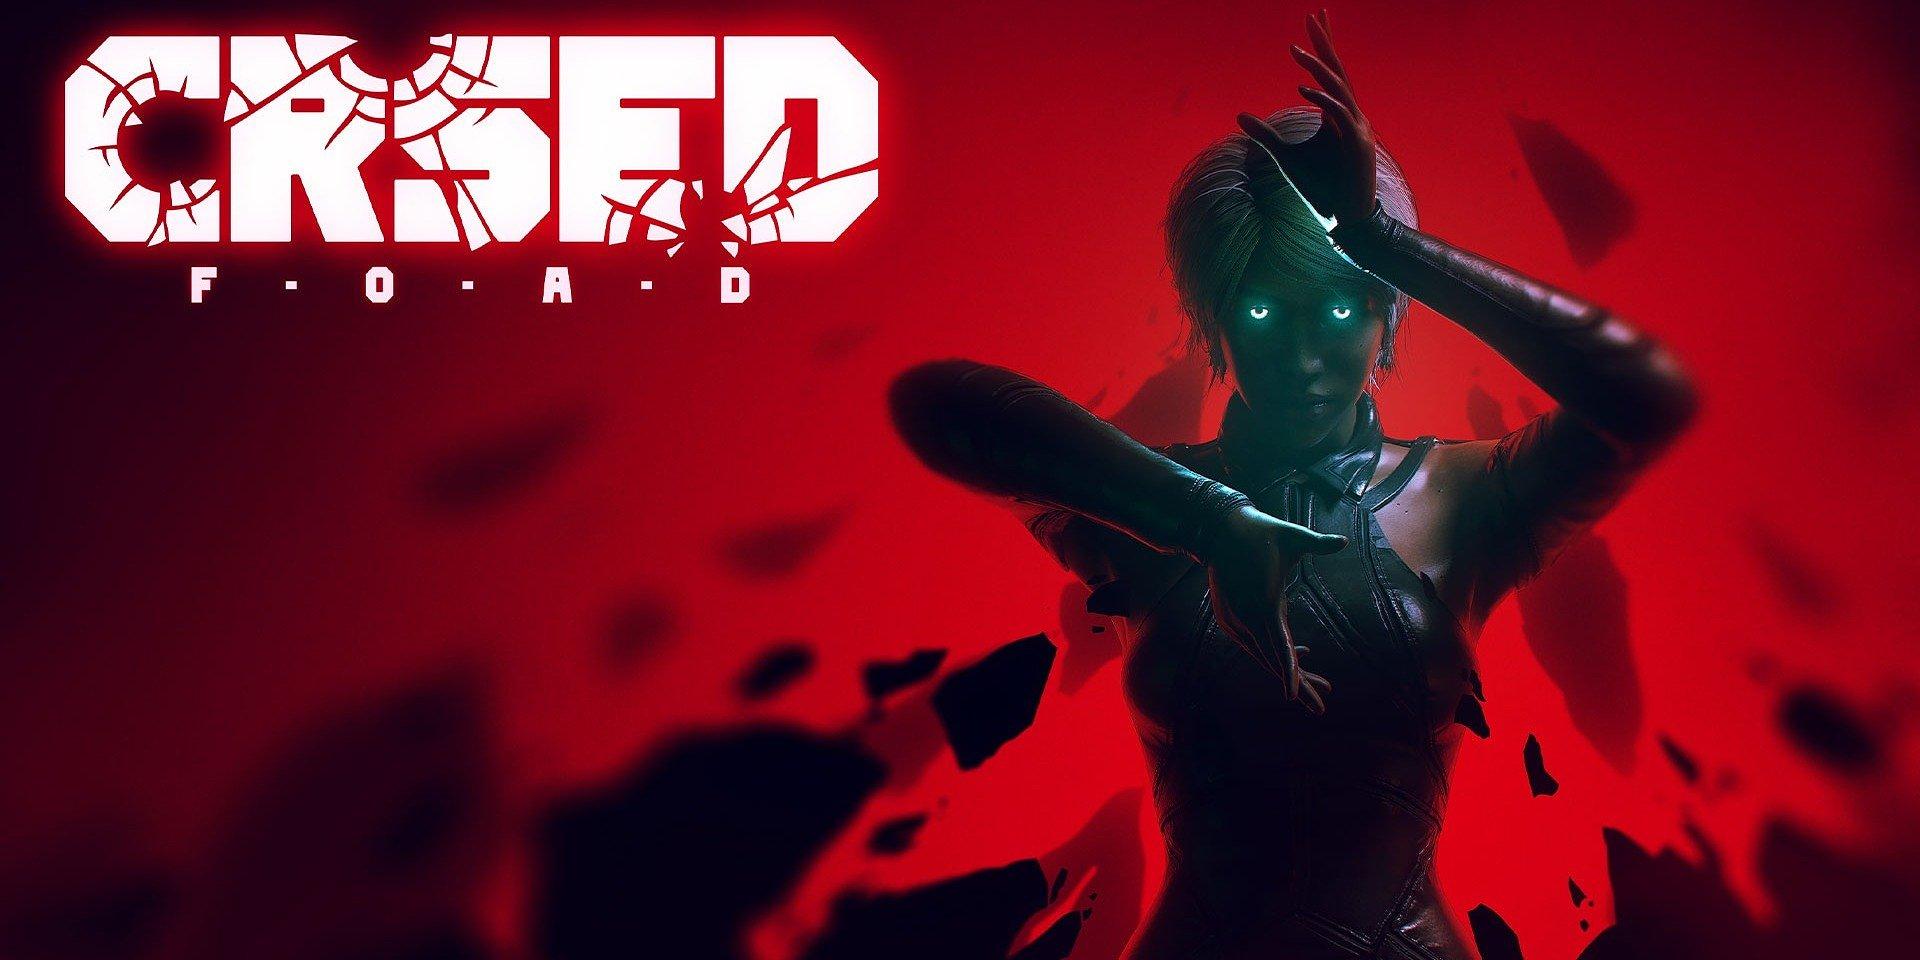 Hráči CRSED: F.O.A.D. mohou způsobit létání skal a vzestup vraždících duchů